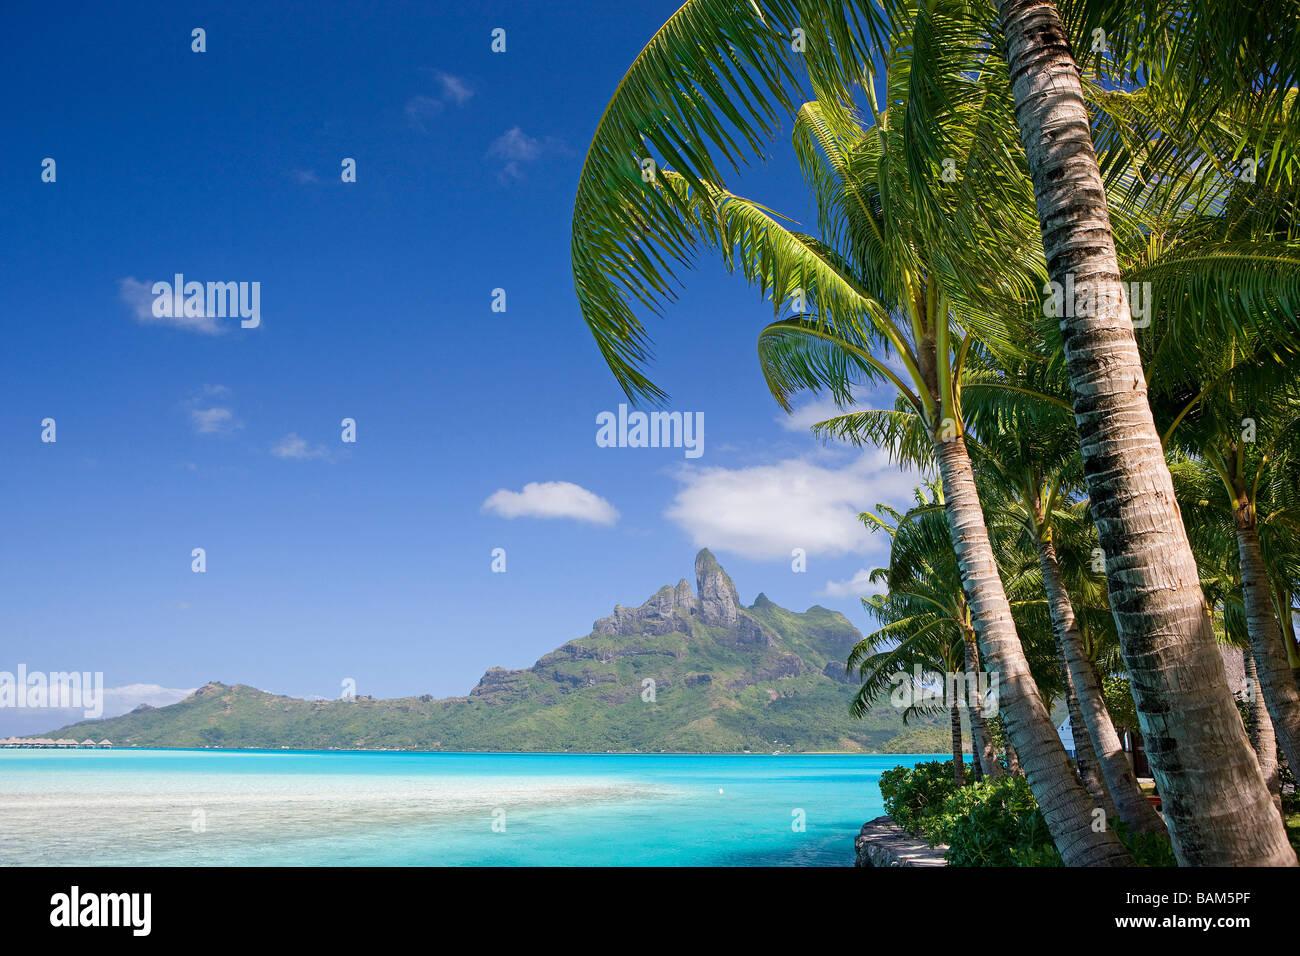 French Polynesia Leeward Archipelago Bora Bora Island